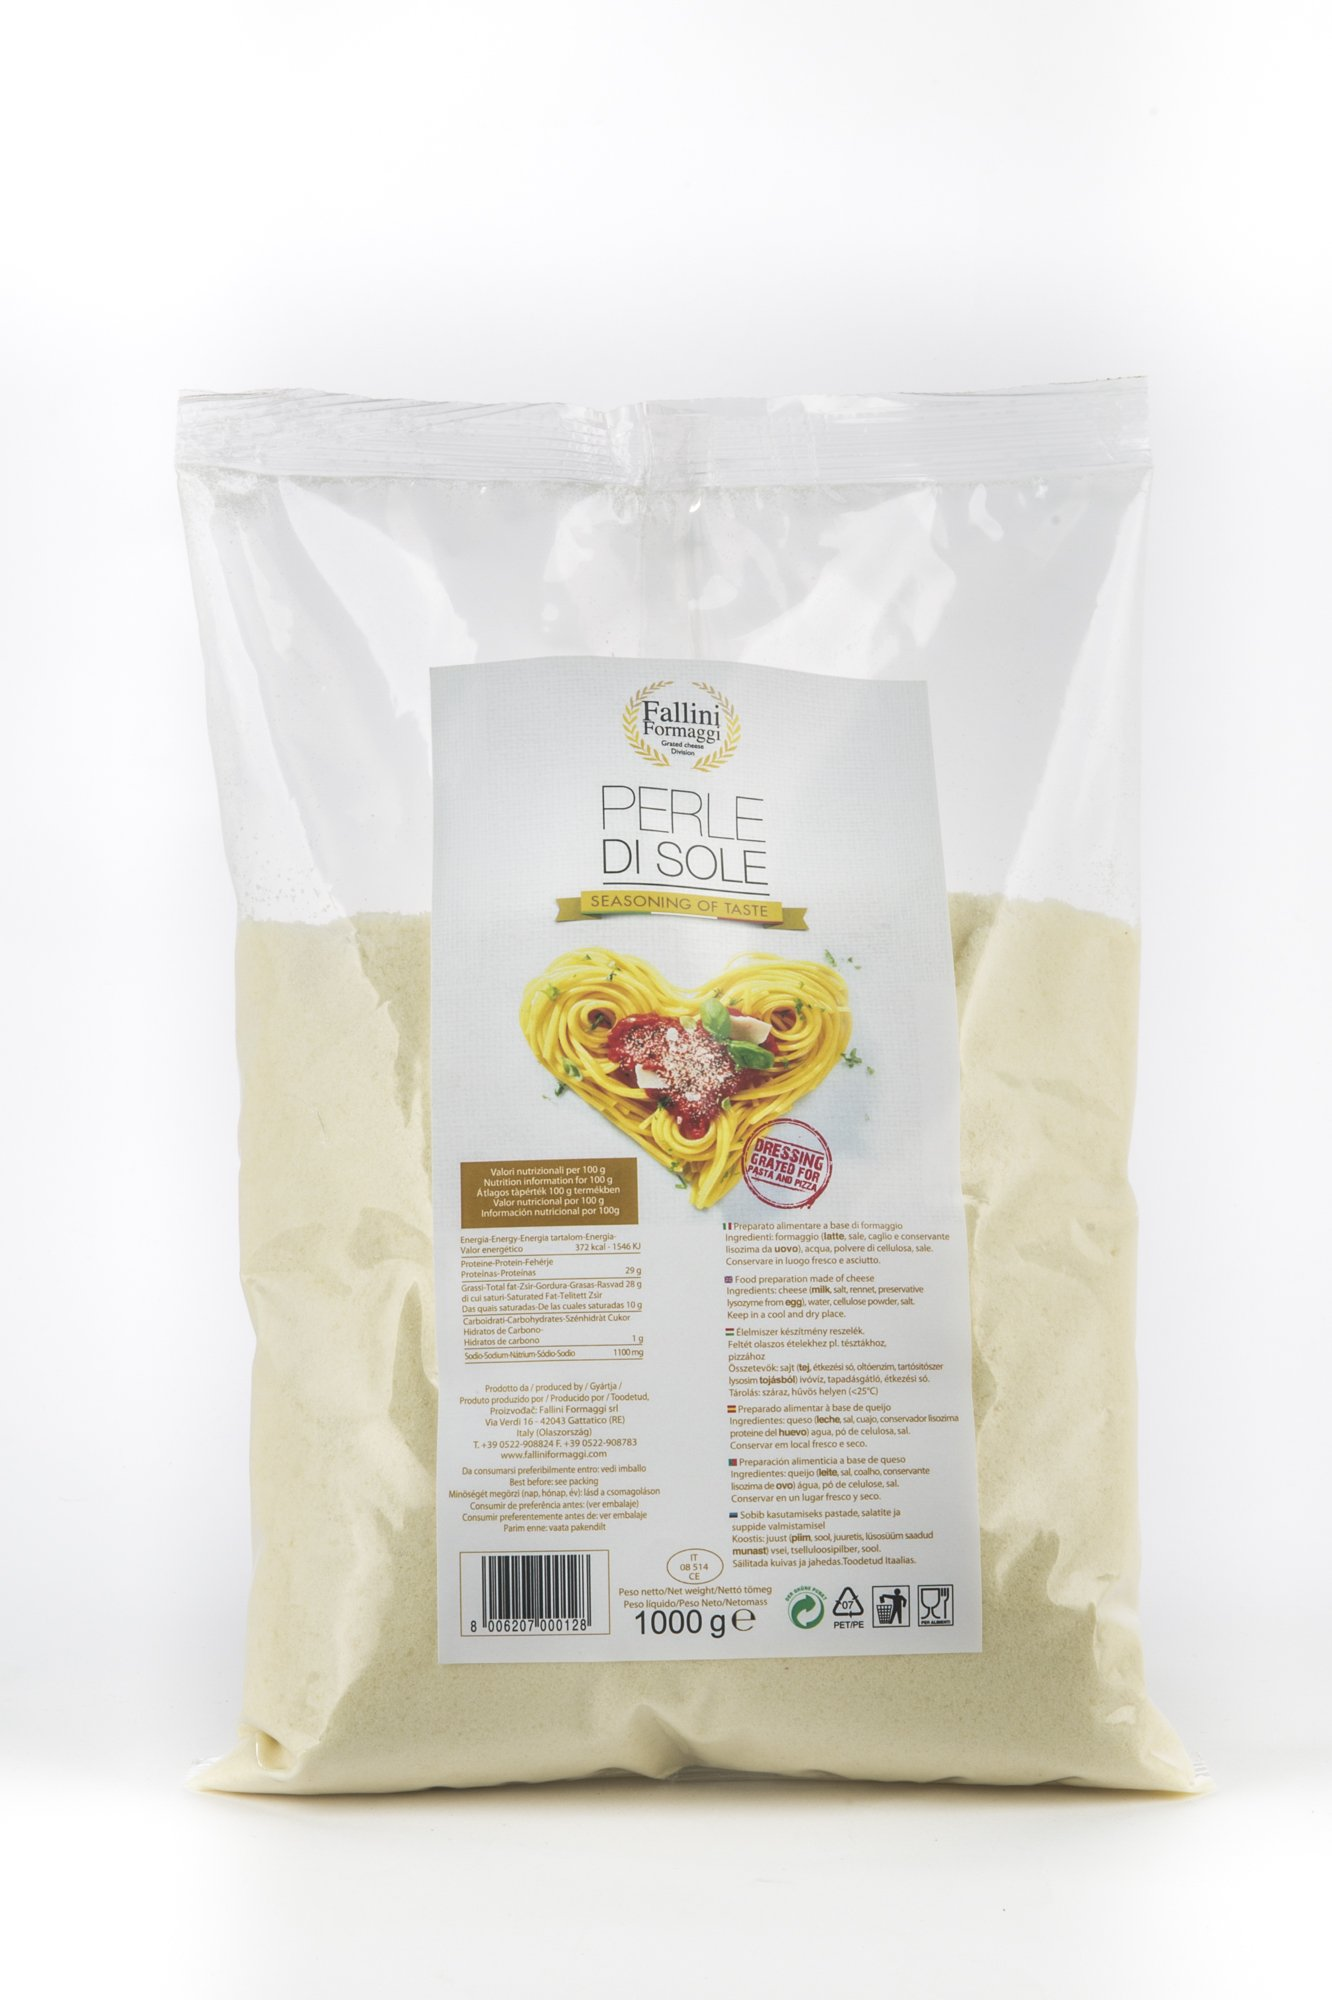 Shaker da 80gr di formaggio grattuggiato - Fallini Formaggi